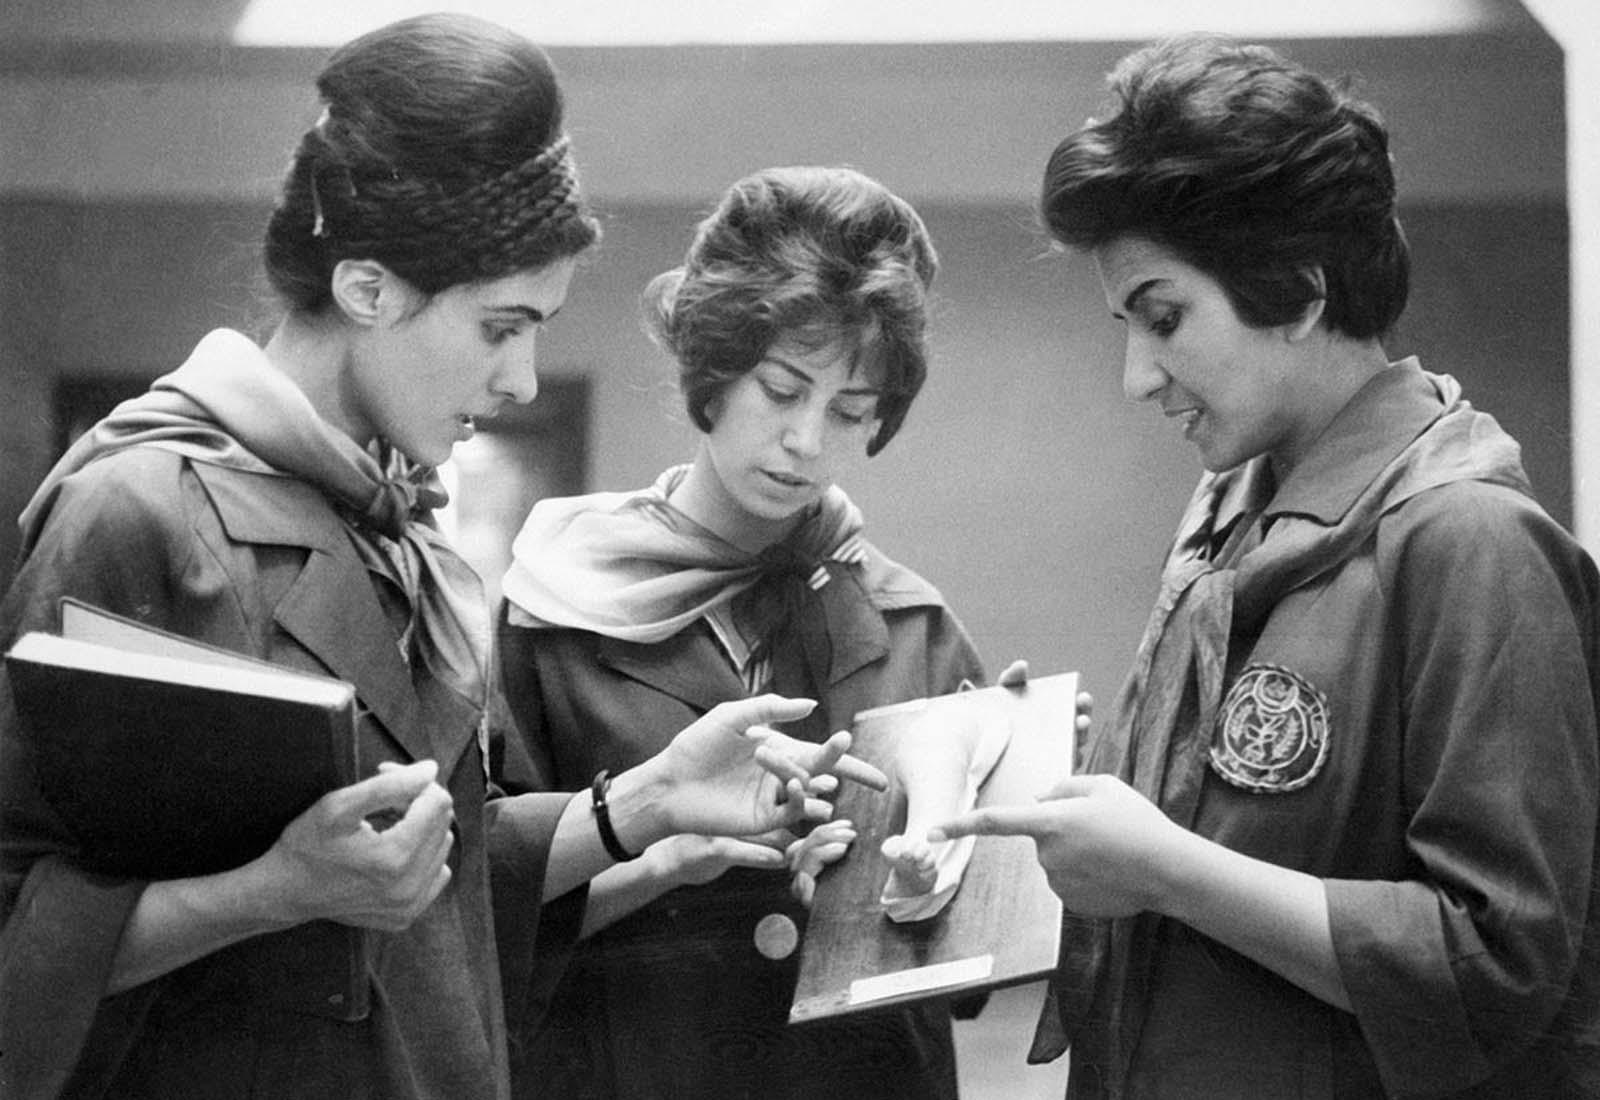 Fotografía tomada en 1962 en la Facultad de Medicina en Kabul de dos estudiantes de medicina afganos que escuchan a su profesor (a la derecha) mientras examinan un yeso que muestra una parte de un cuerpo humano.